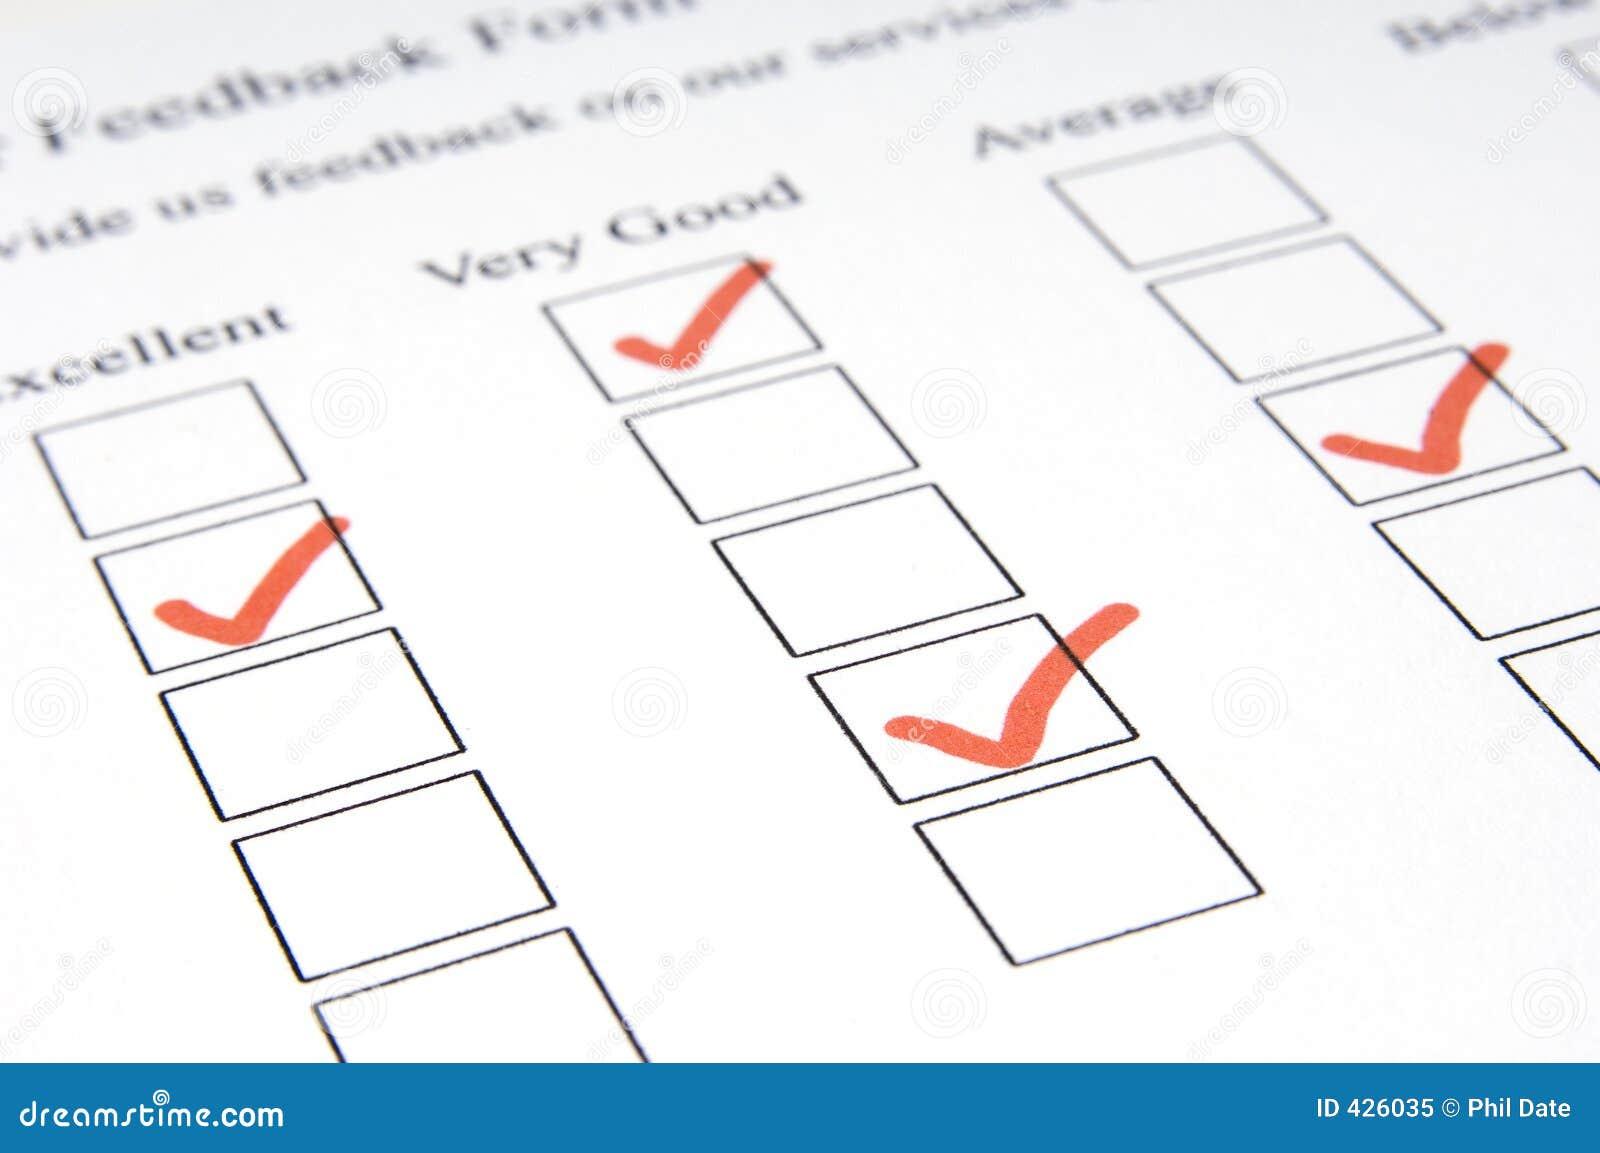 free feedback form – Free Feedback Form